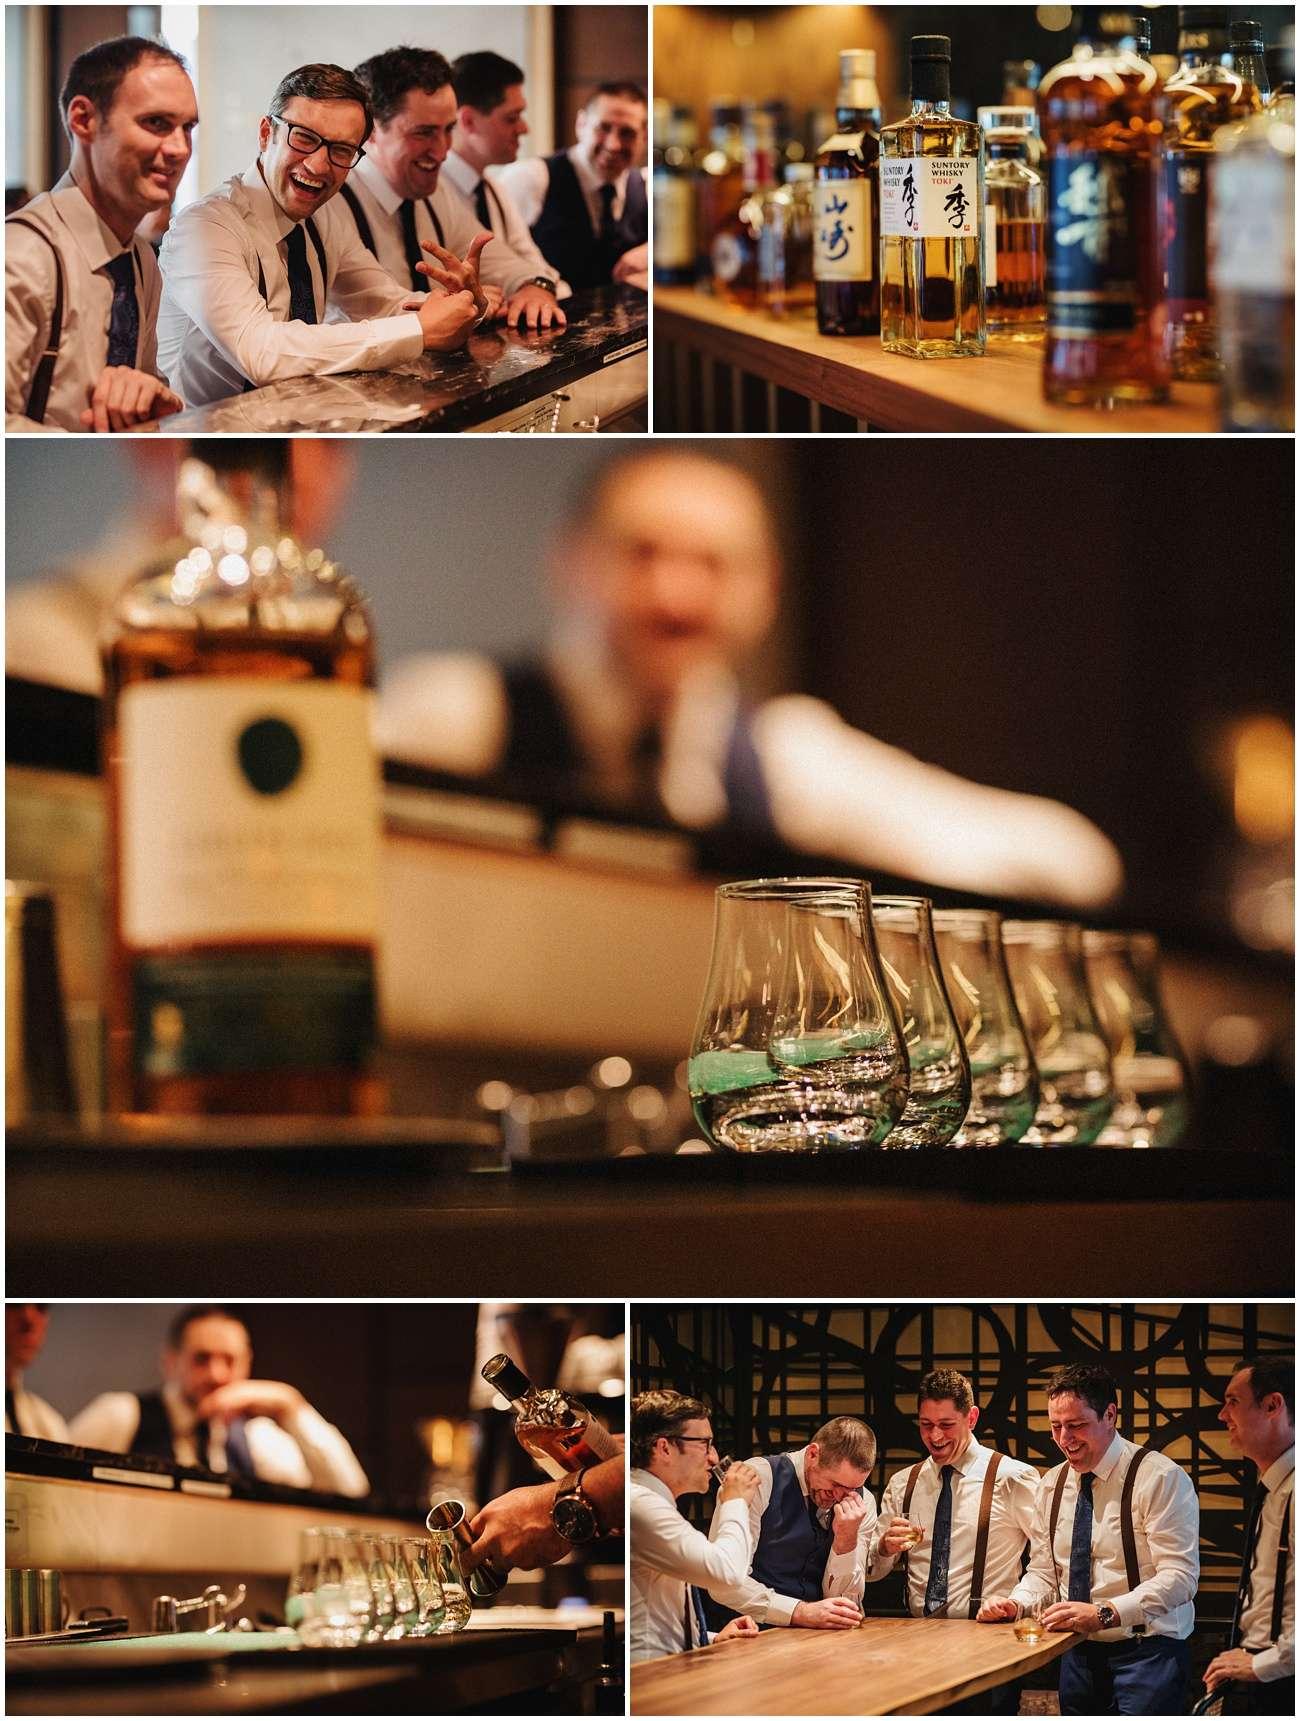 The groomsmen drink whisky at the bar at Nobu Hotel